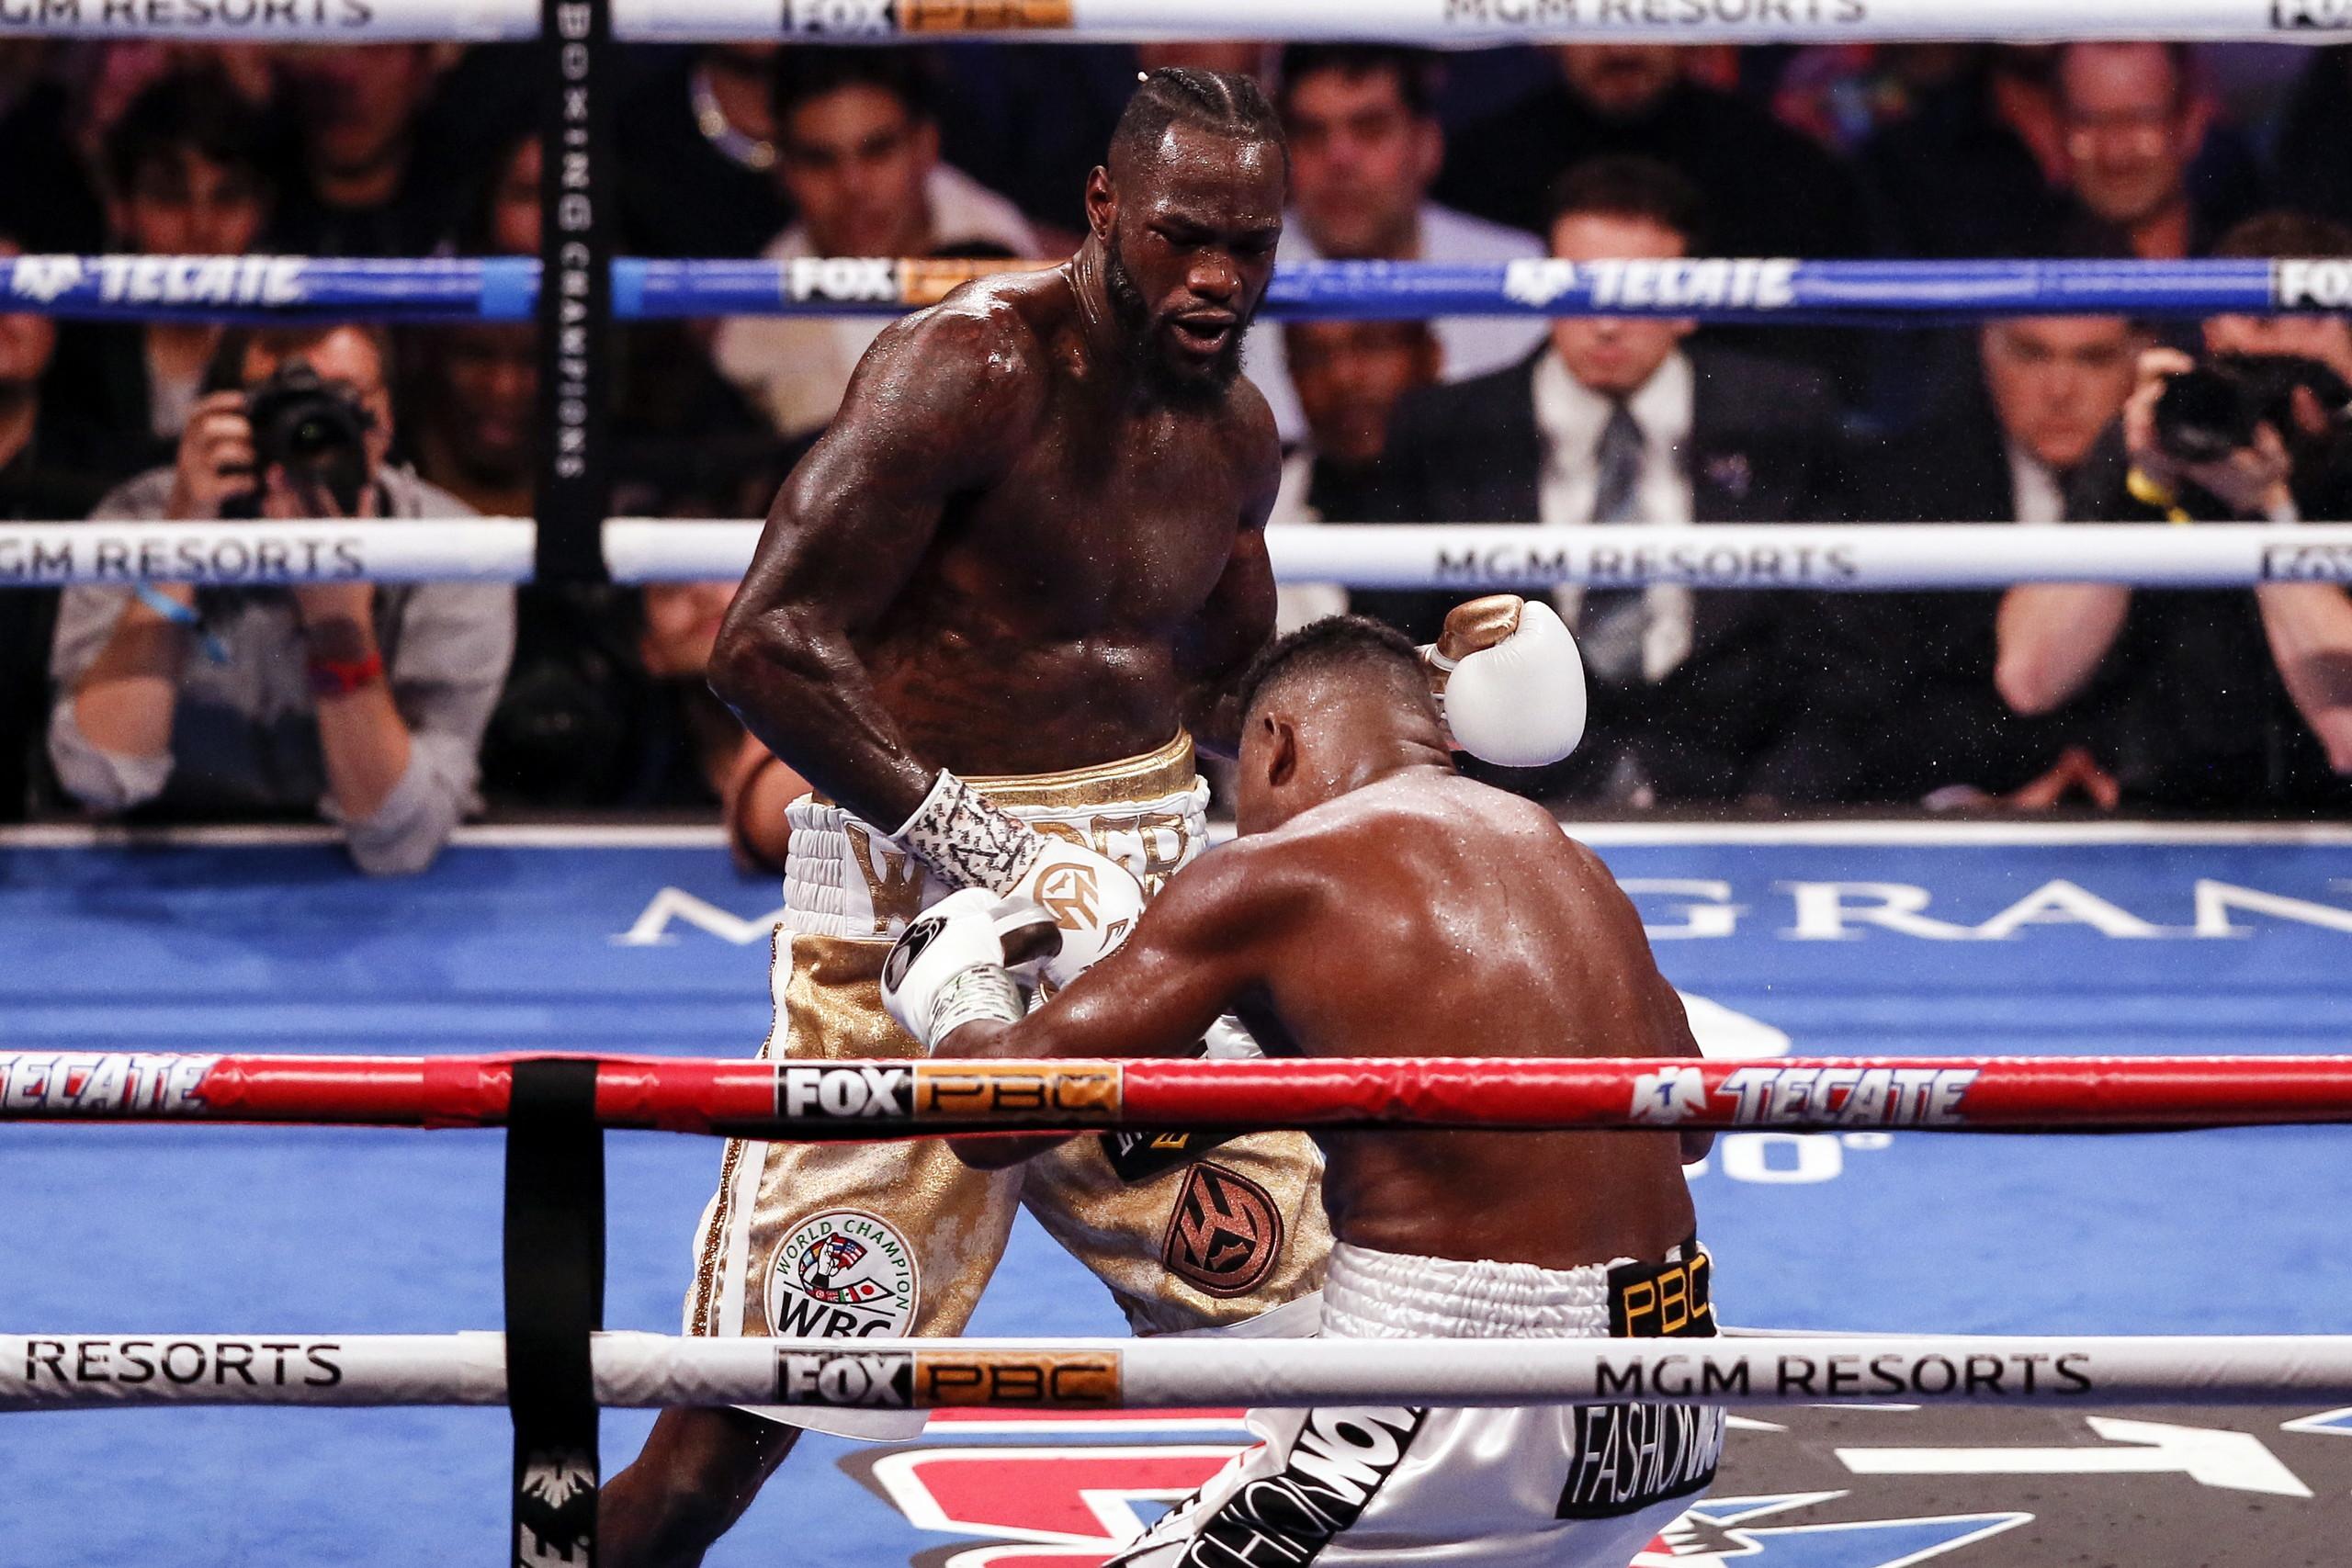 这是最感人的世界拳王战,没有失败者只有两位伟大的父亲